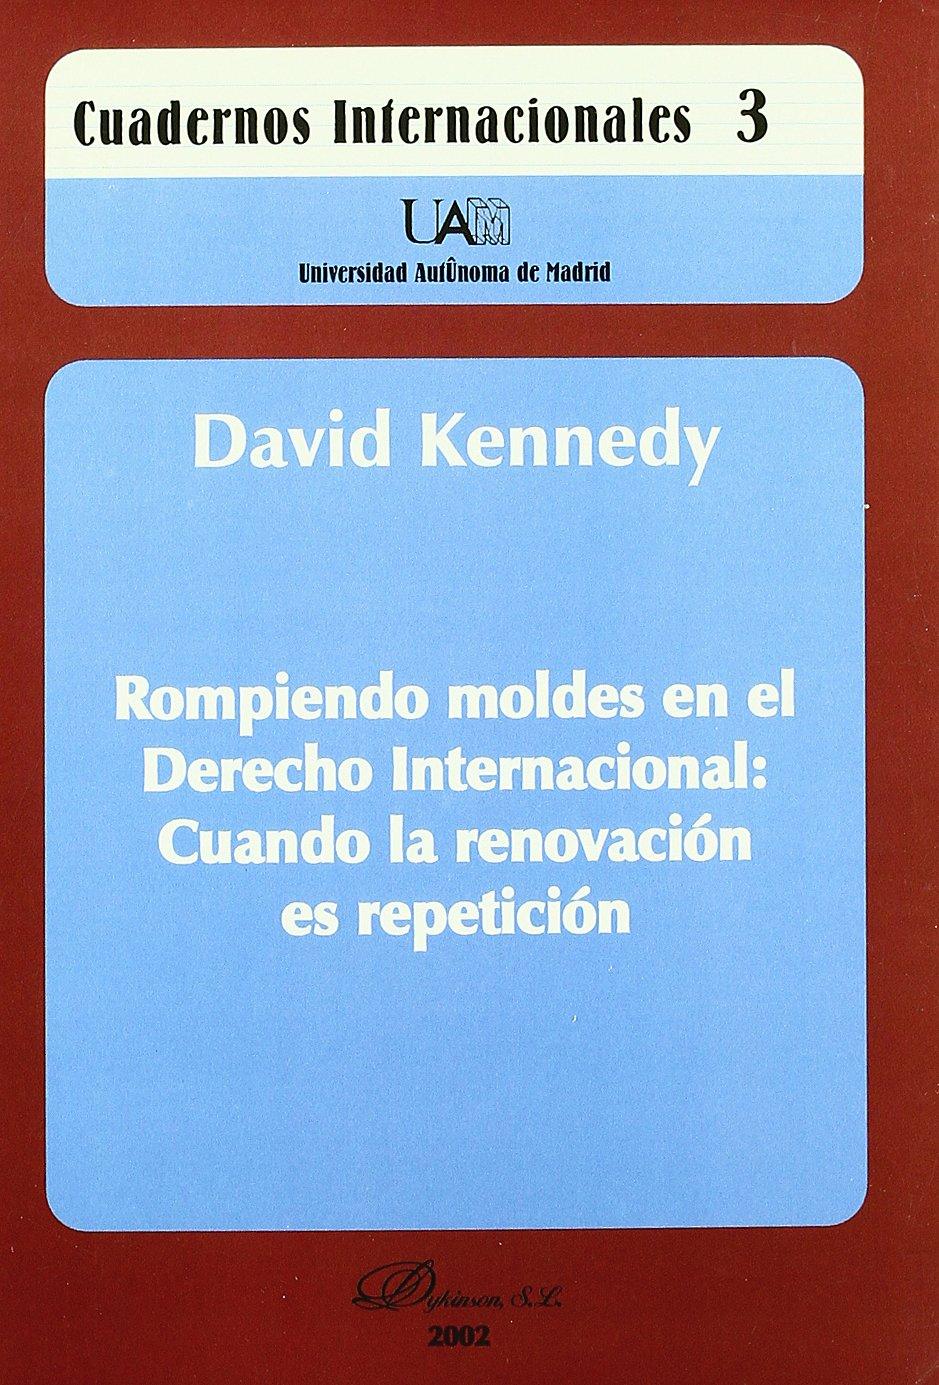 Rompiendo moldes en el derecho internacional (Spanish Edition) (Spanish) Paperback – March 18, 2002